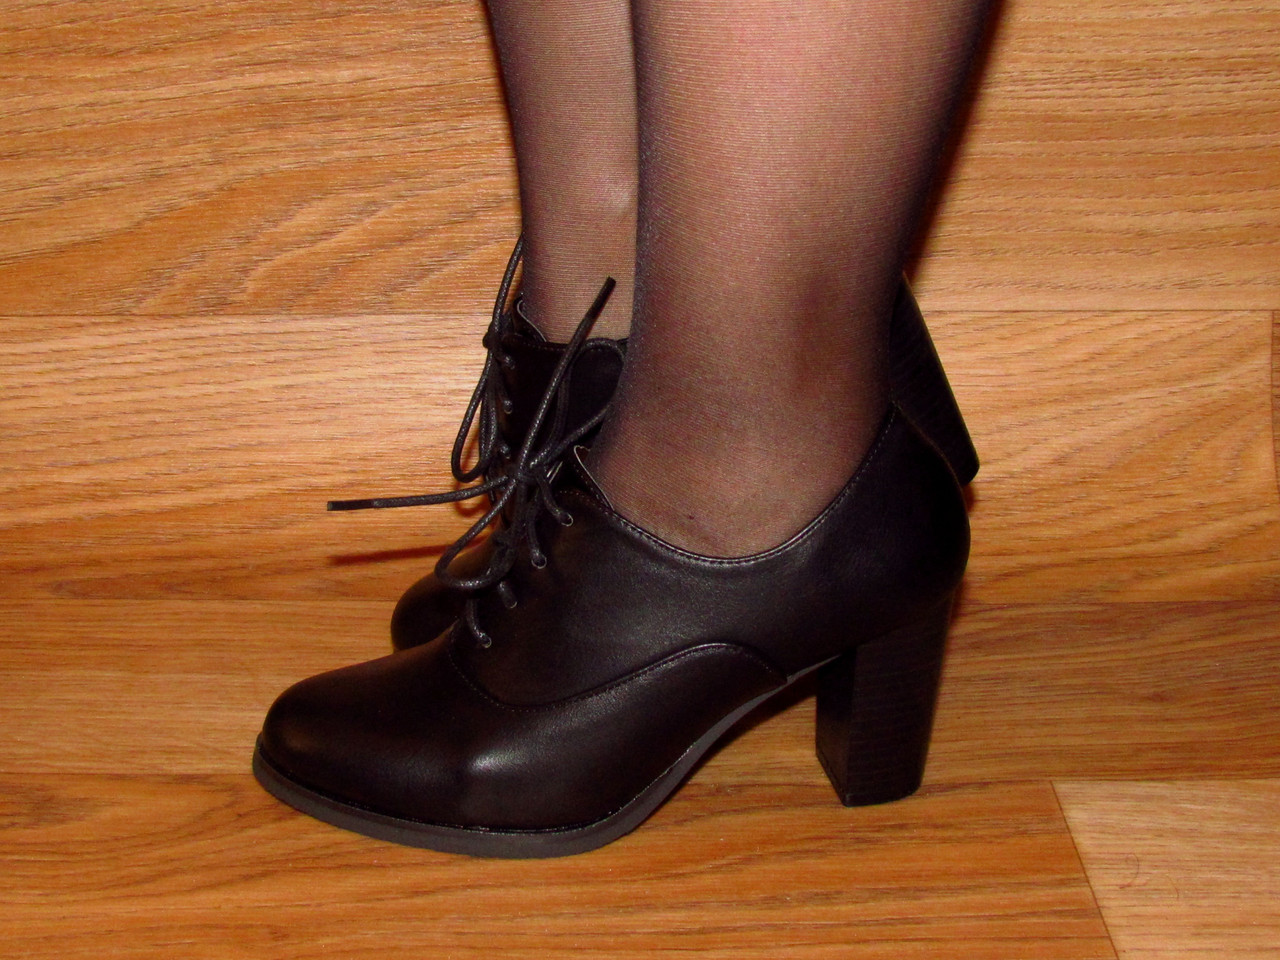 64bed373b Женские закрытые туфли на каблуке - интернет-магазин ALLEGRETTO в Харькове